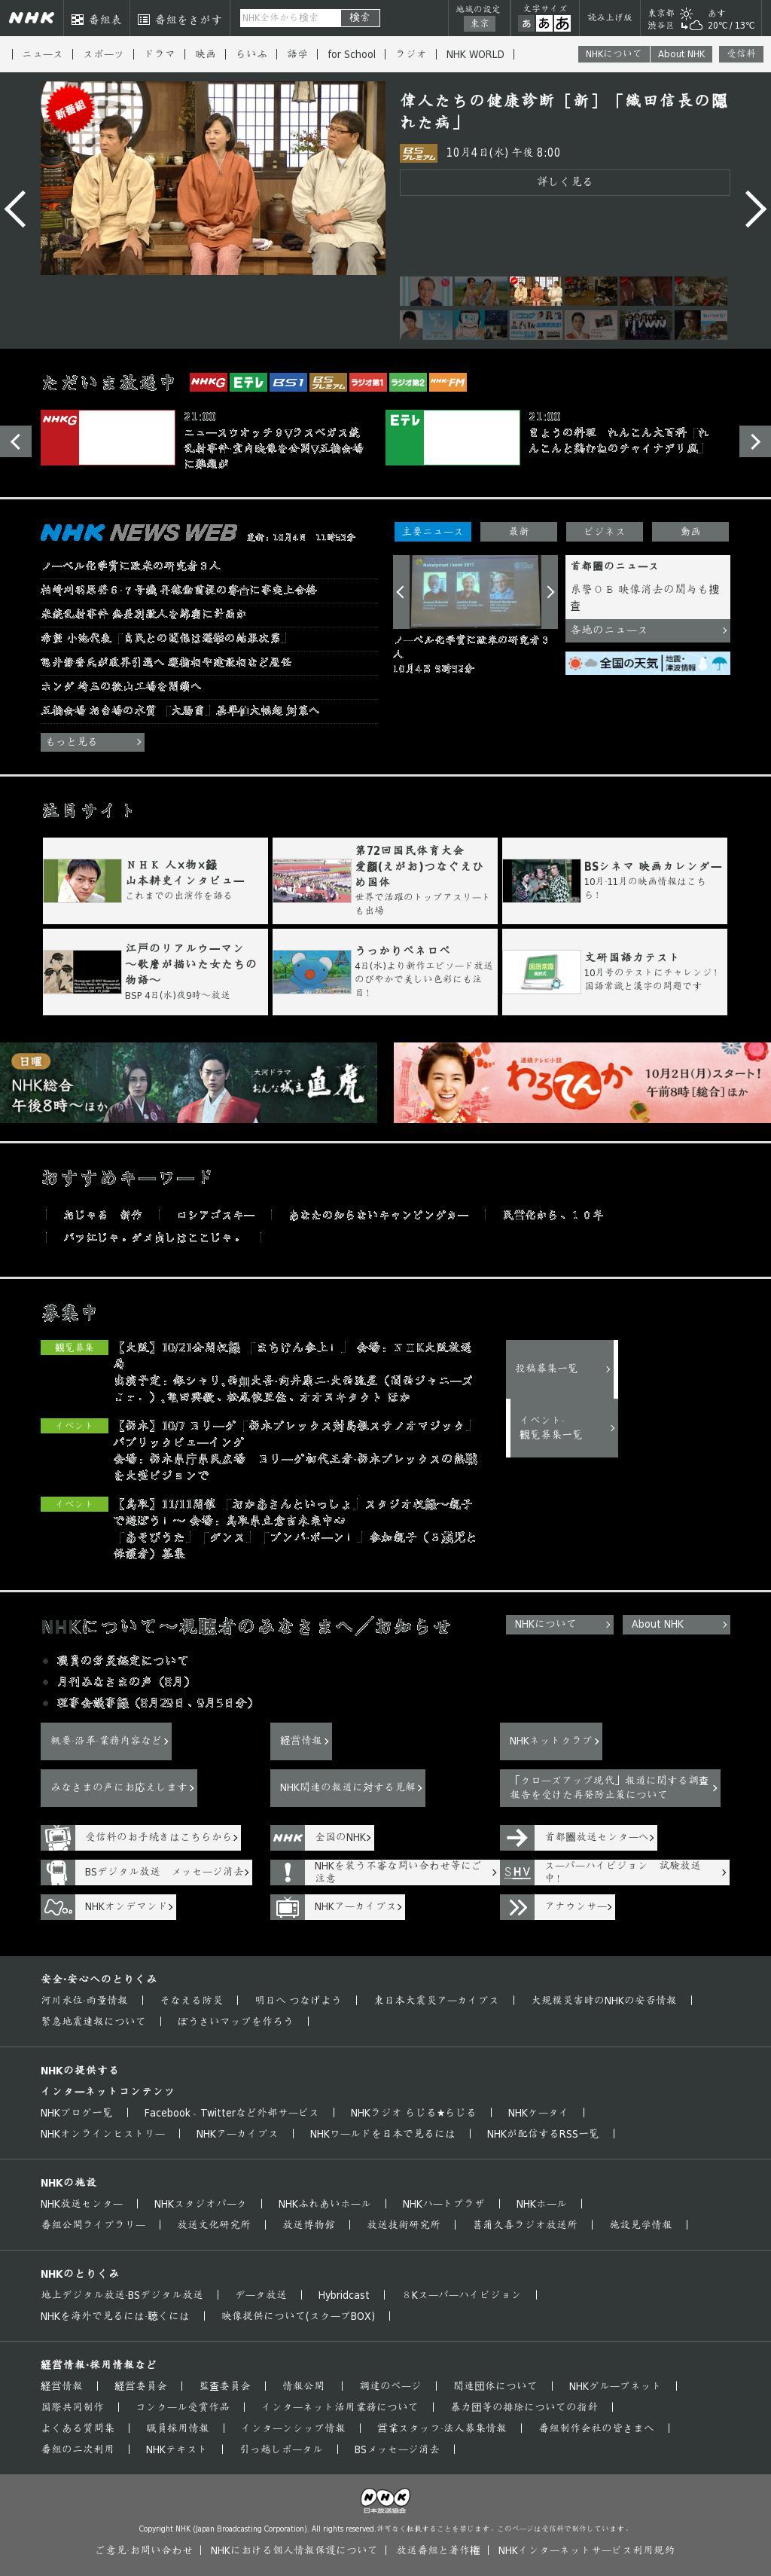 NHK Online at Wednesday Oct. 4, 2017, 12:09 p.m. UTC